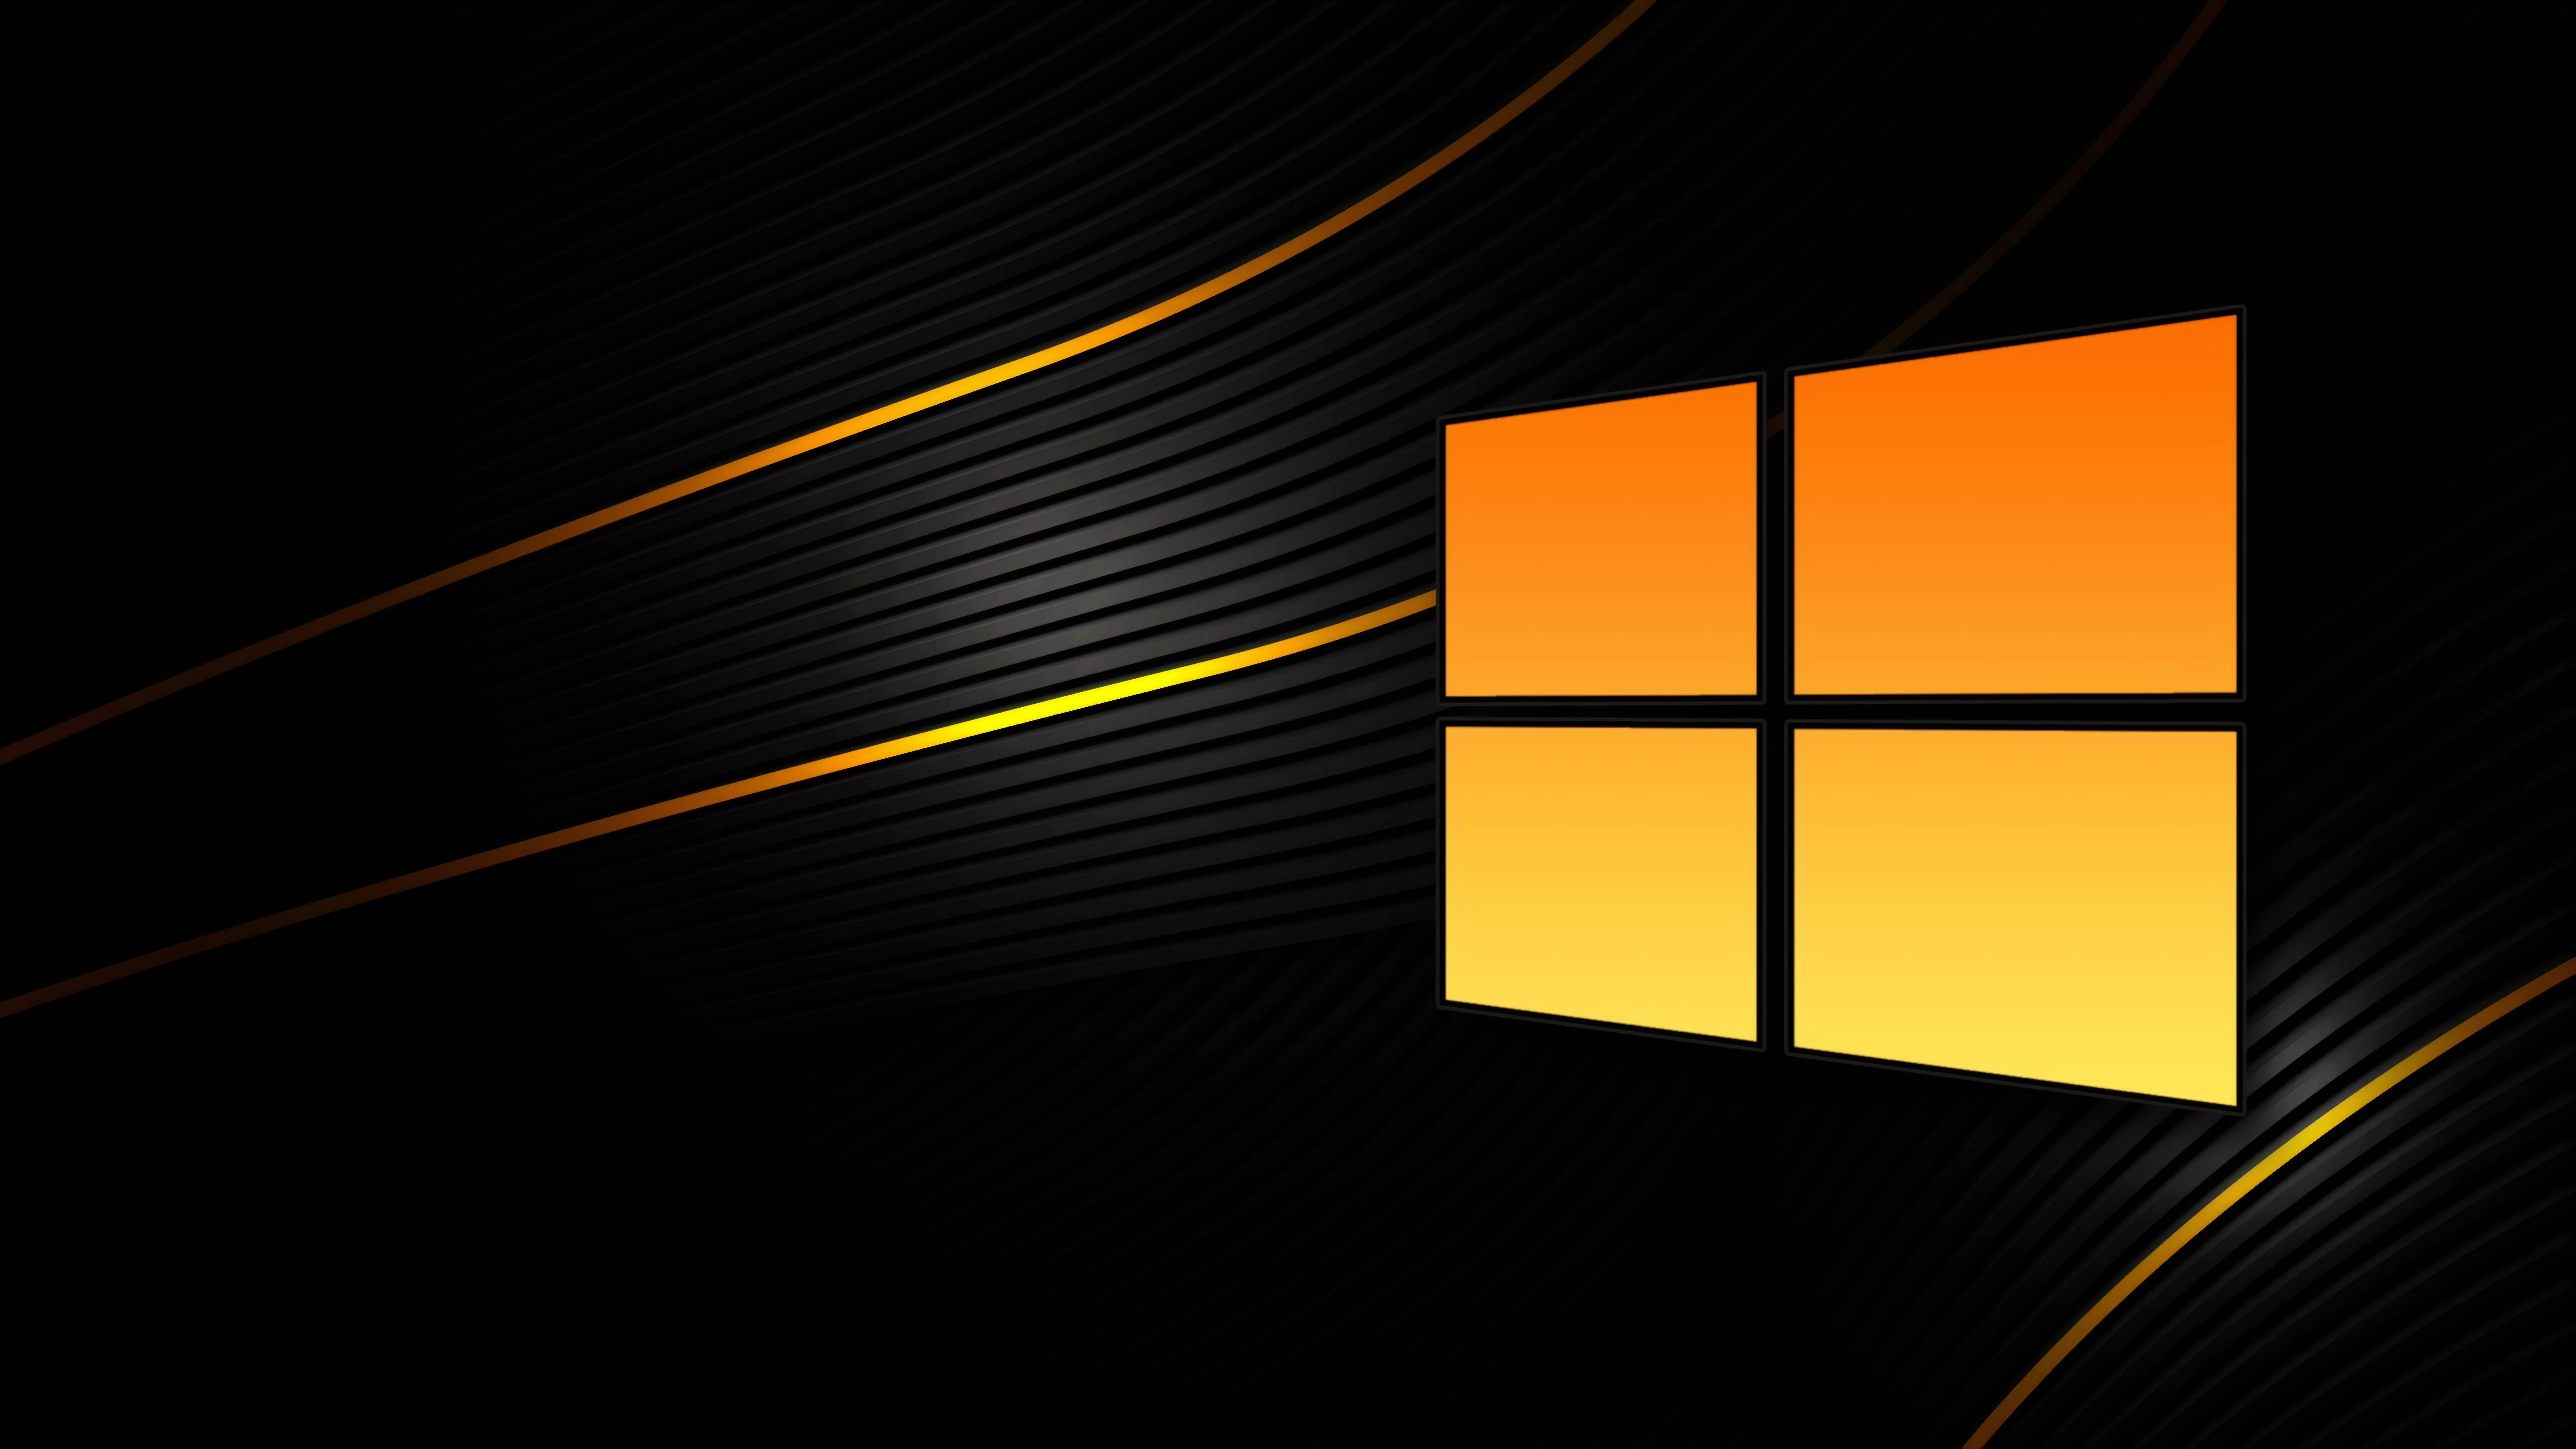 4k Ultra Hd Wallpaper Windows: 8K Ultra HD Windows Wallpapers